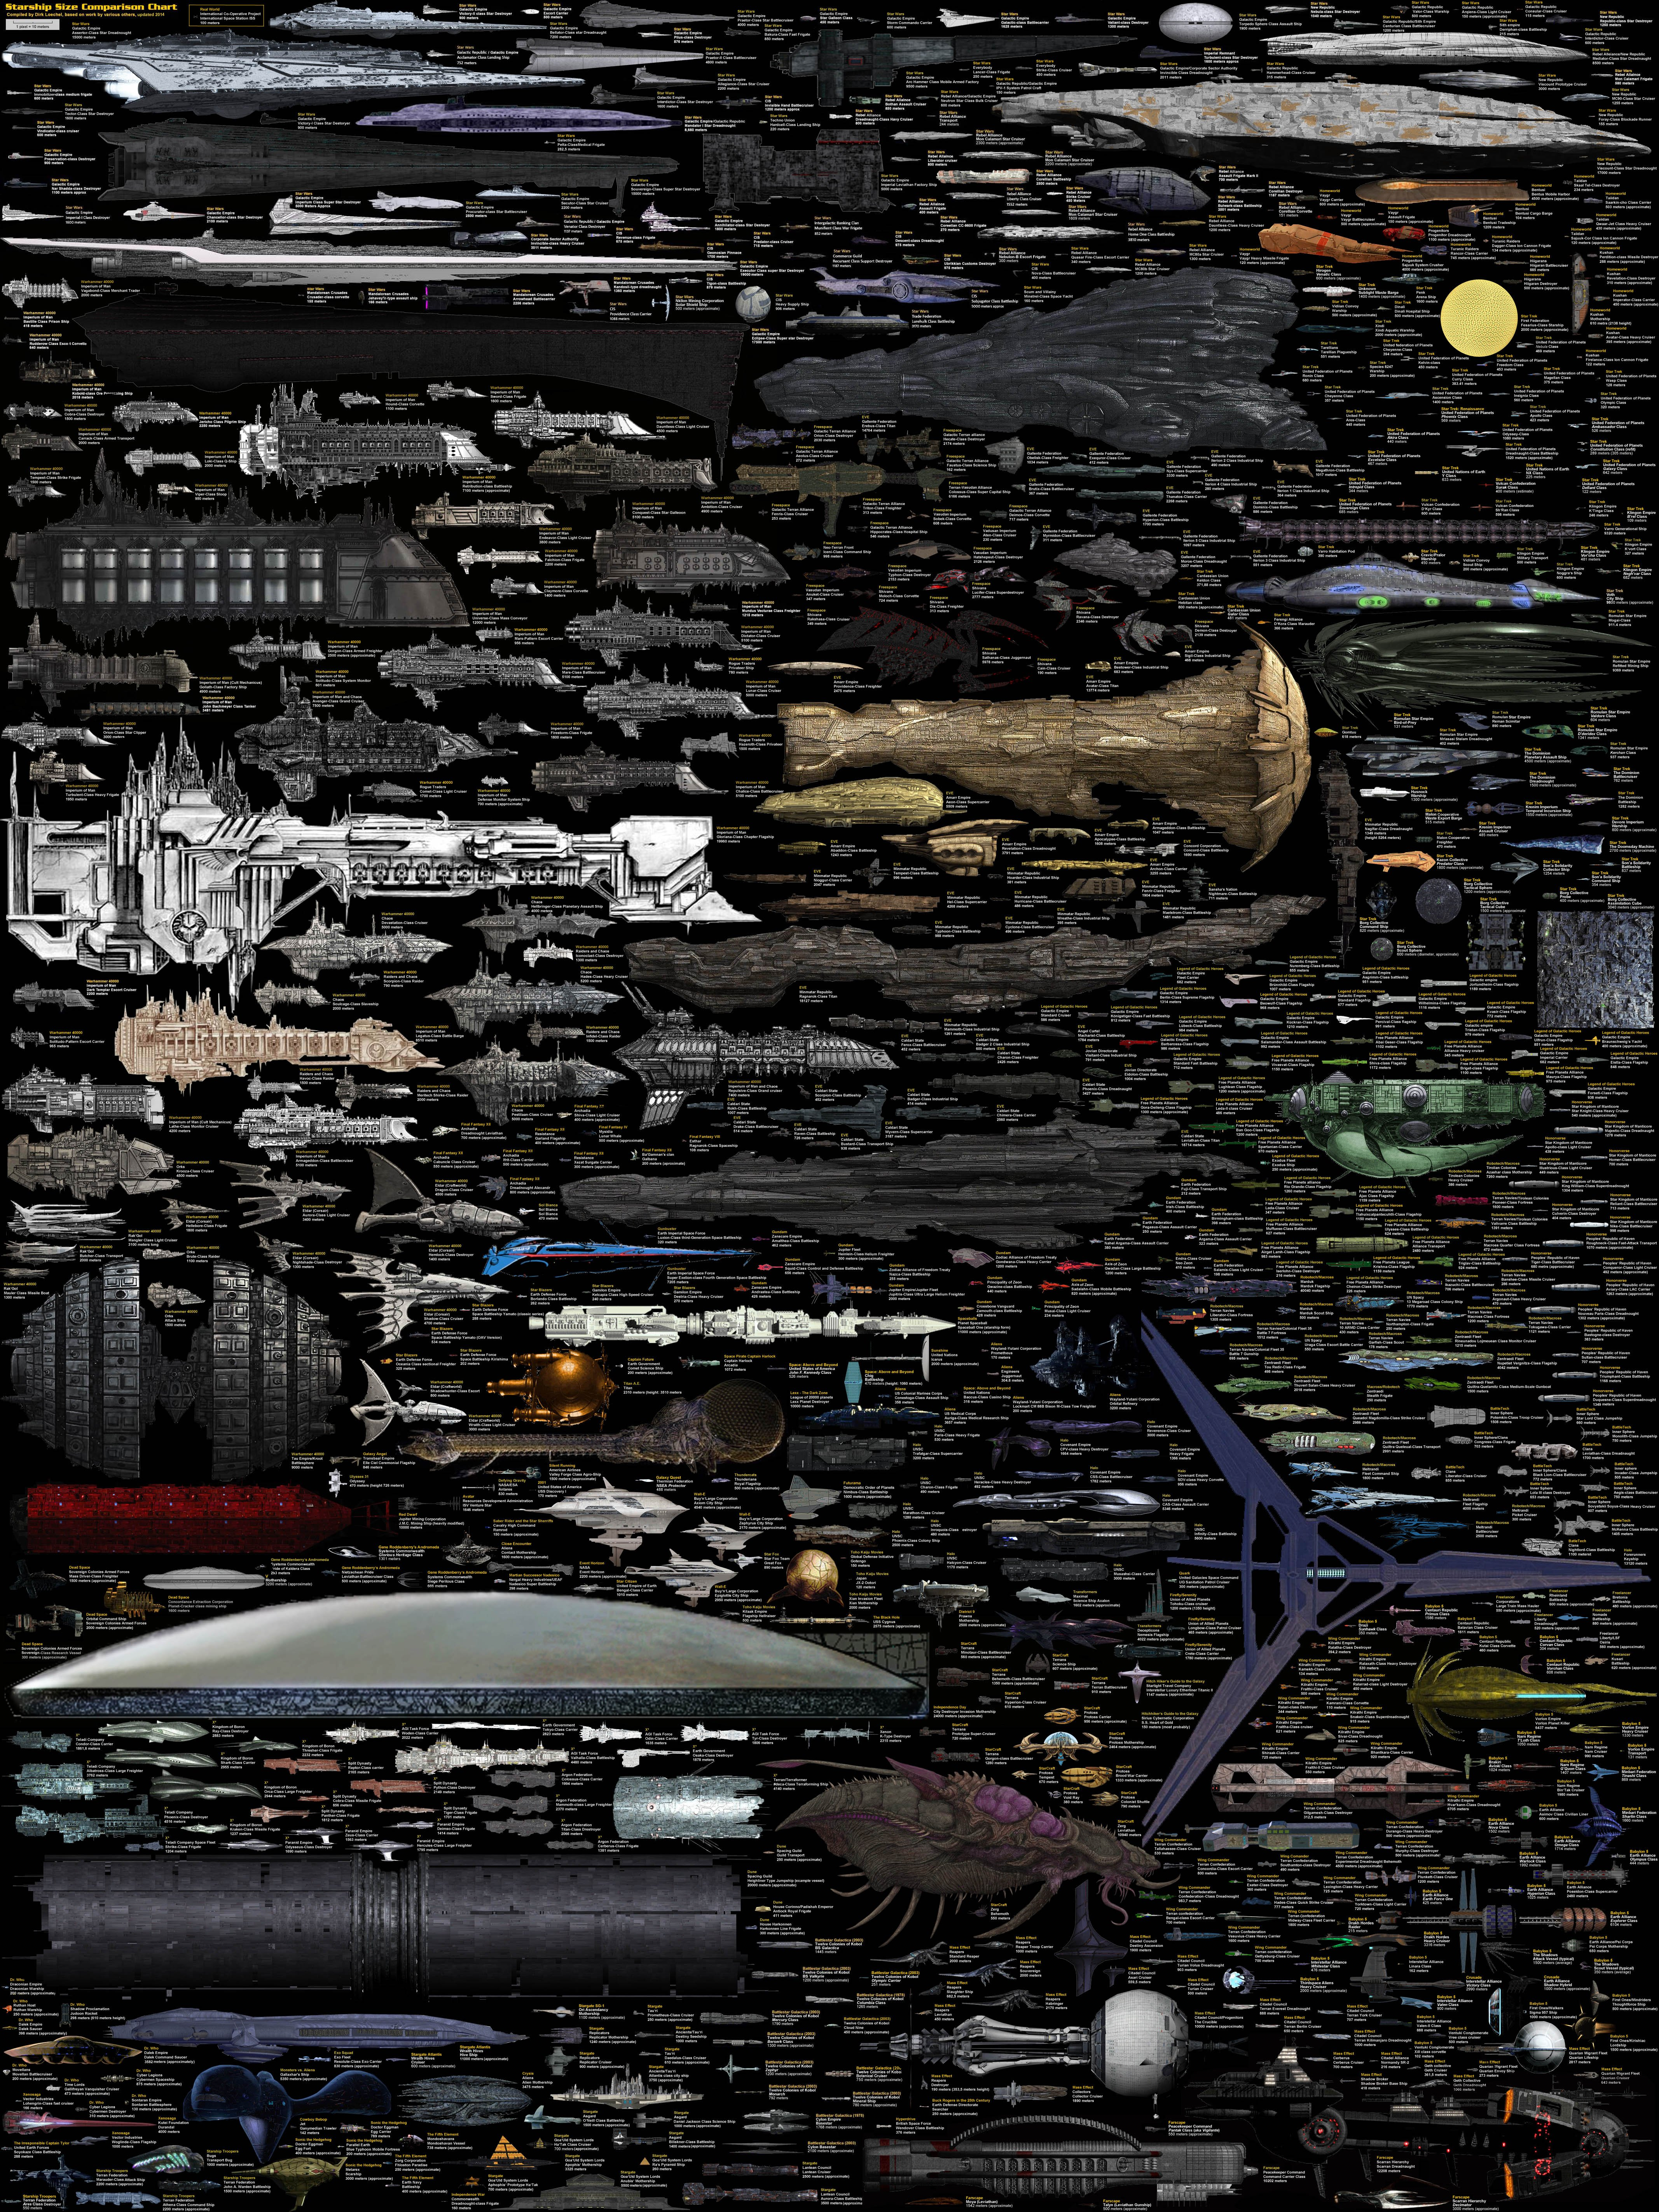 Космические корабли. - Изображение 1